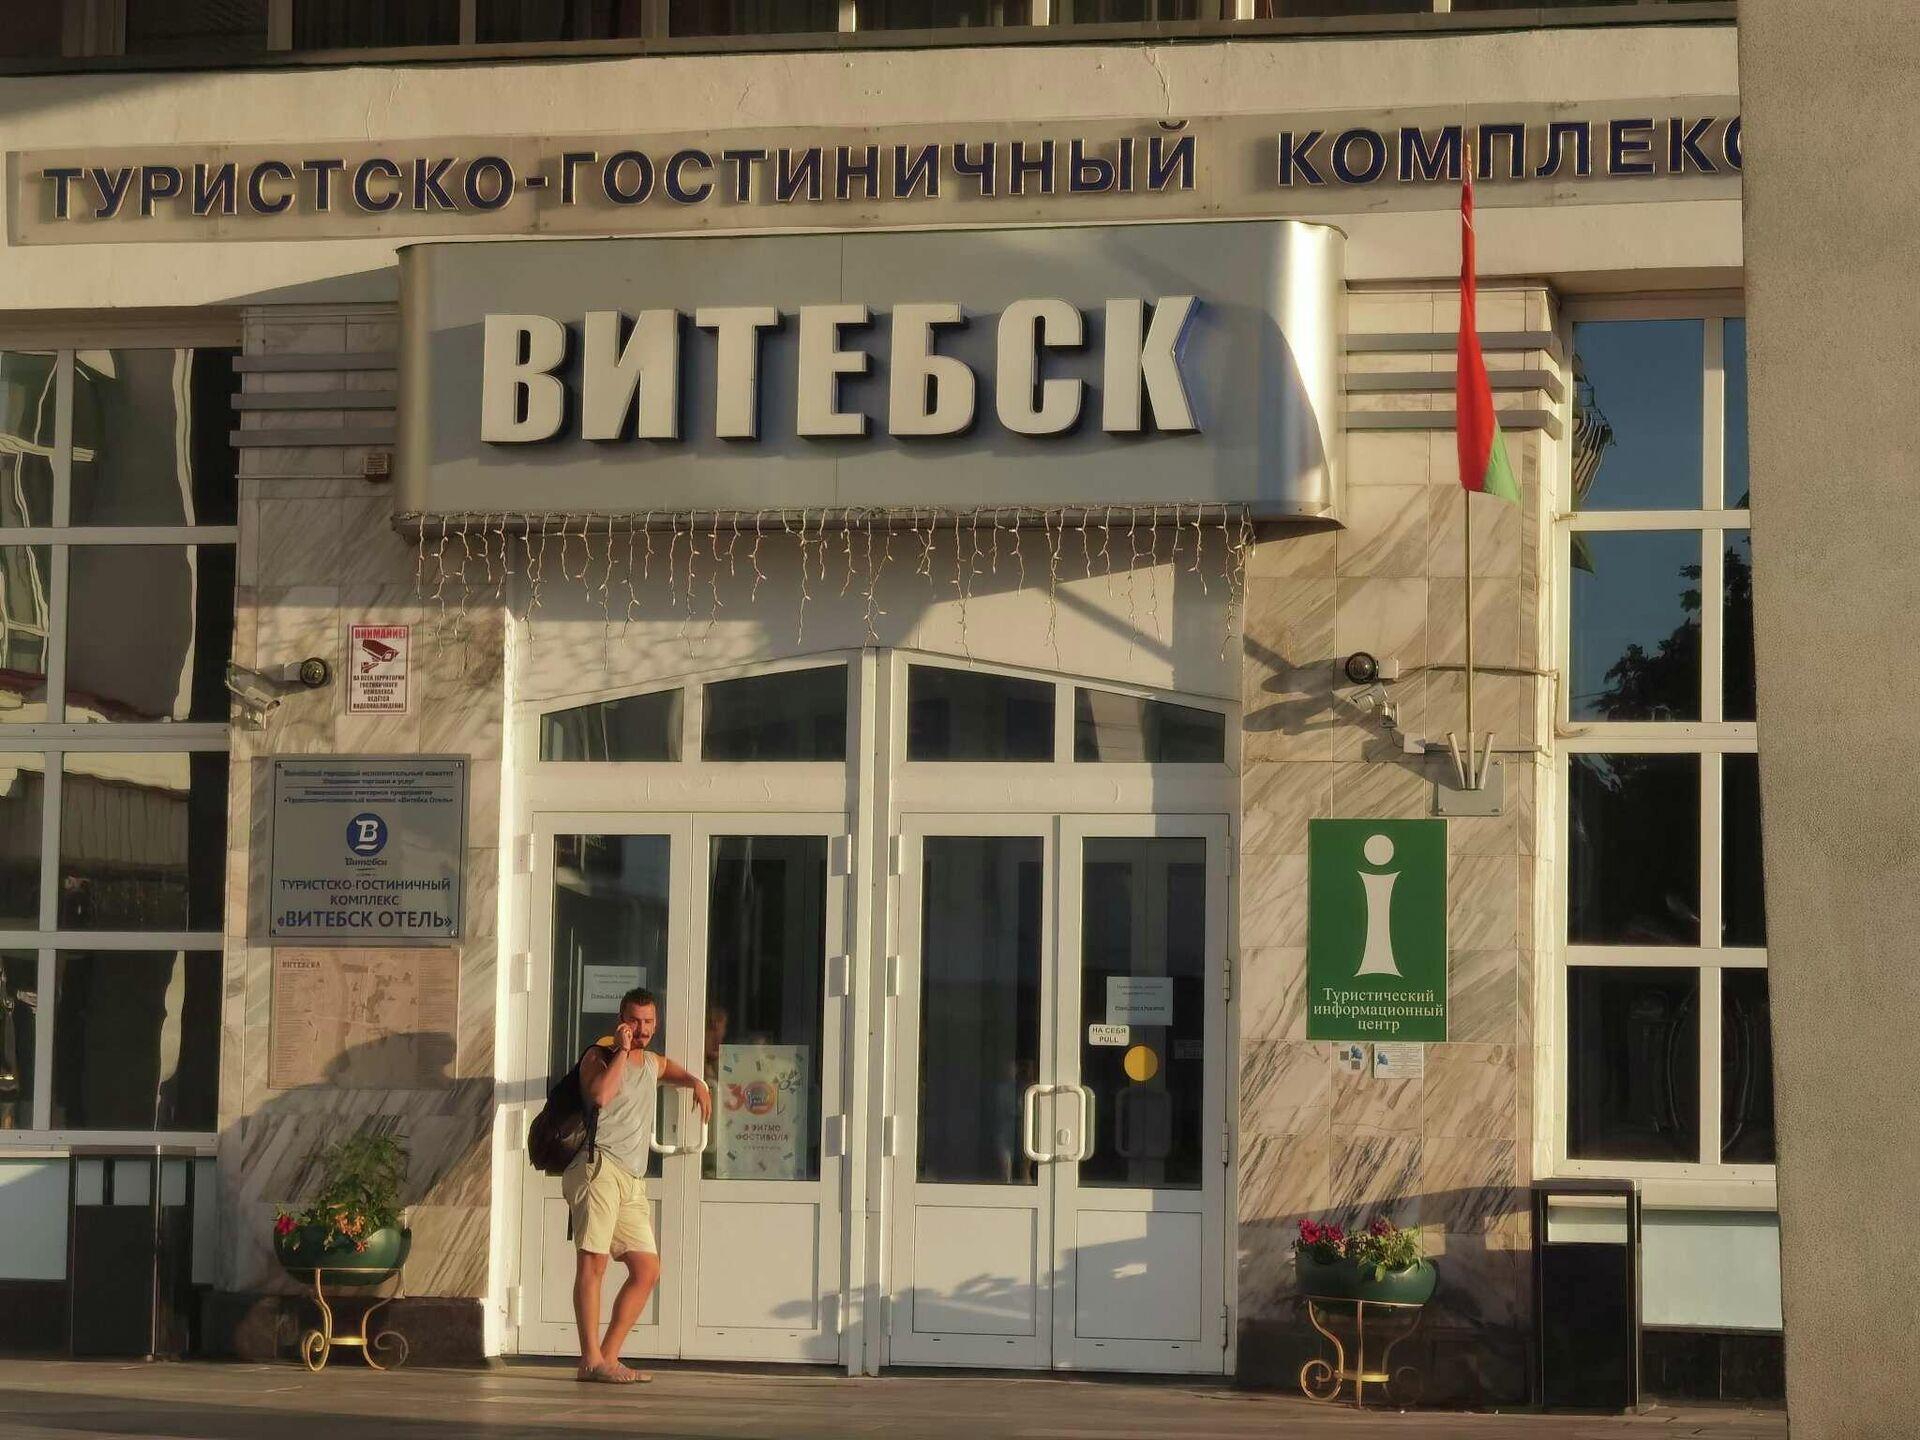 Гостиница Витебск - Sputnik Беларусь, 1920, 11.07.2021